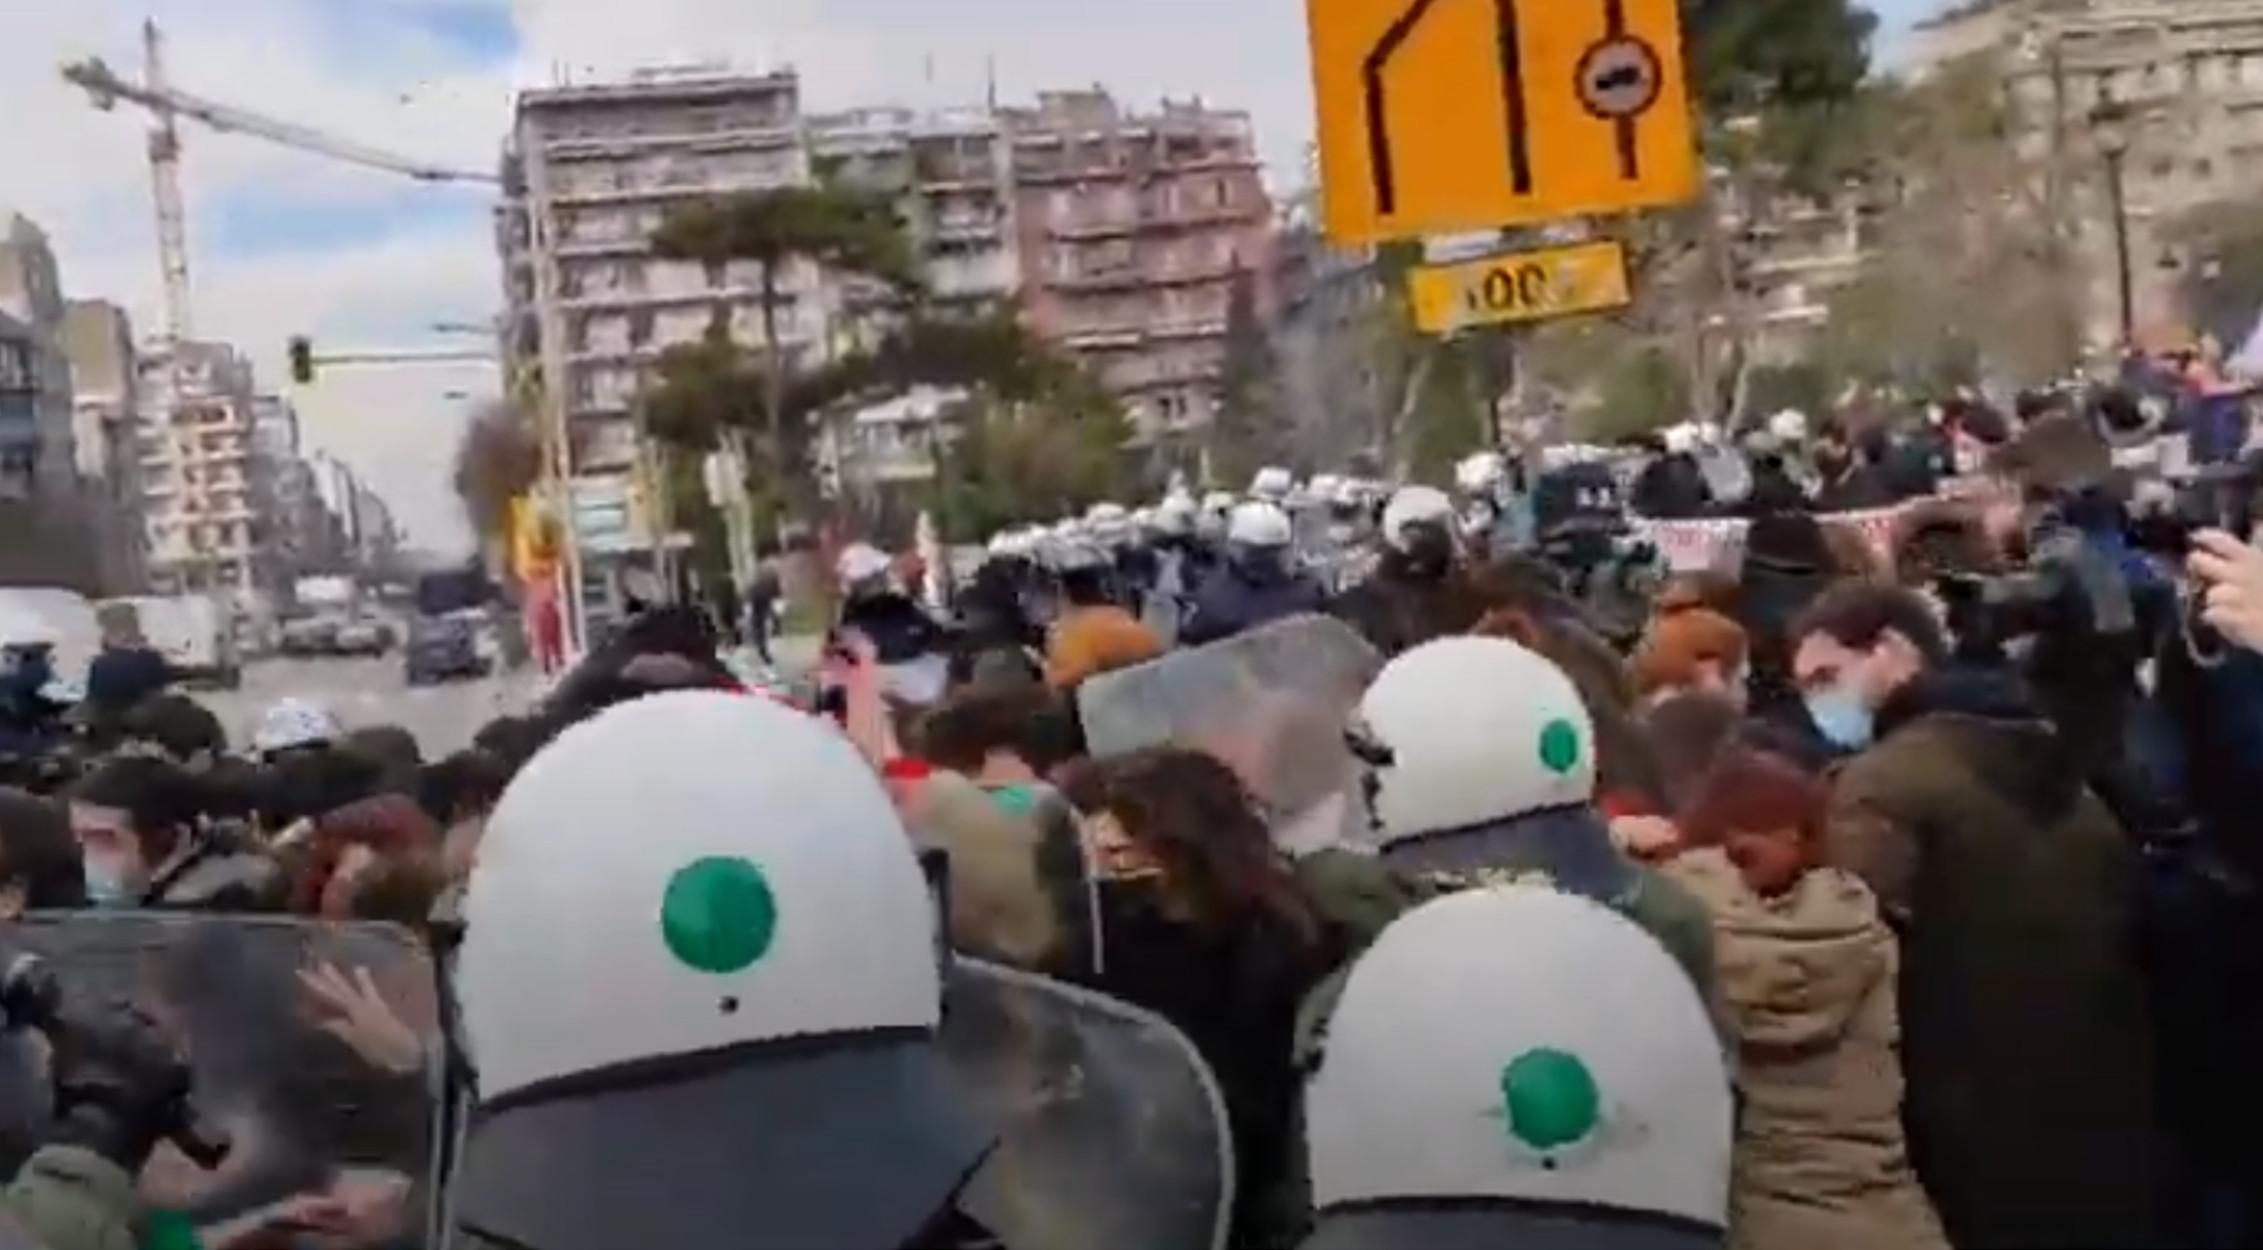 Θεσσαλονίκη: Ξύλο, χημικά και προσαγωγές στο φοιτητικό συλλαλητήριο (pics, video)